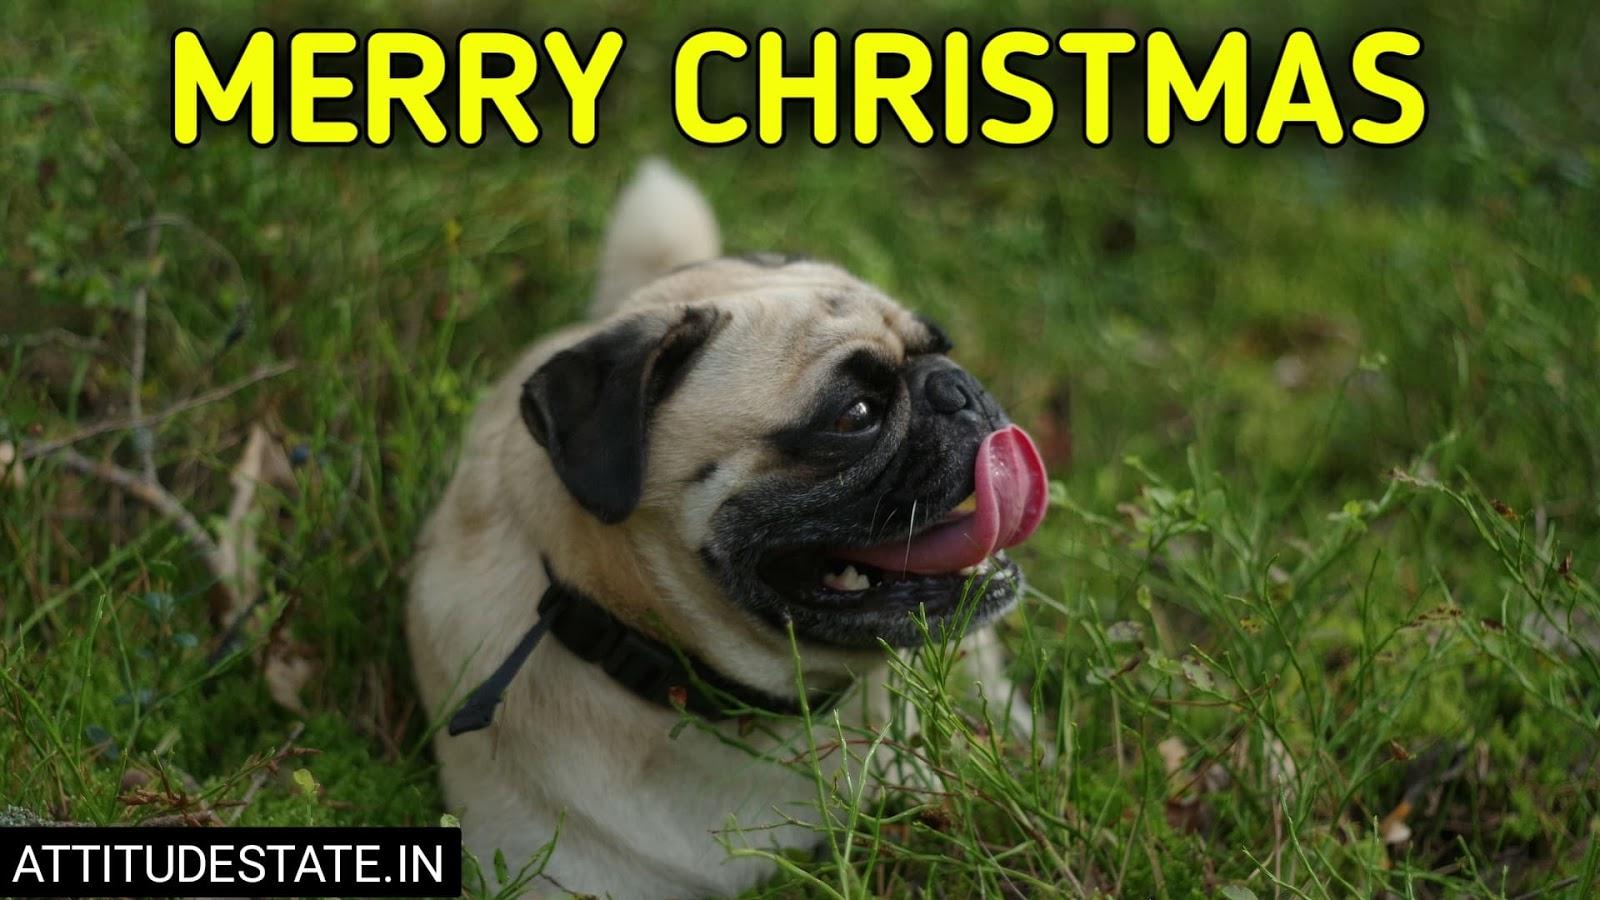 funny merry christmas cartoons